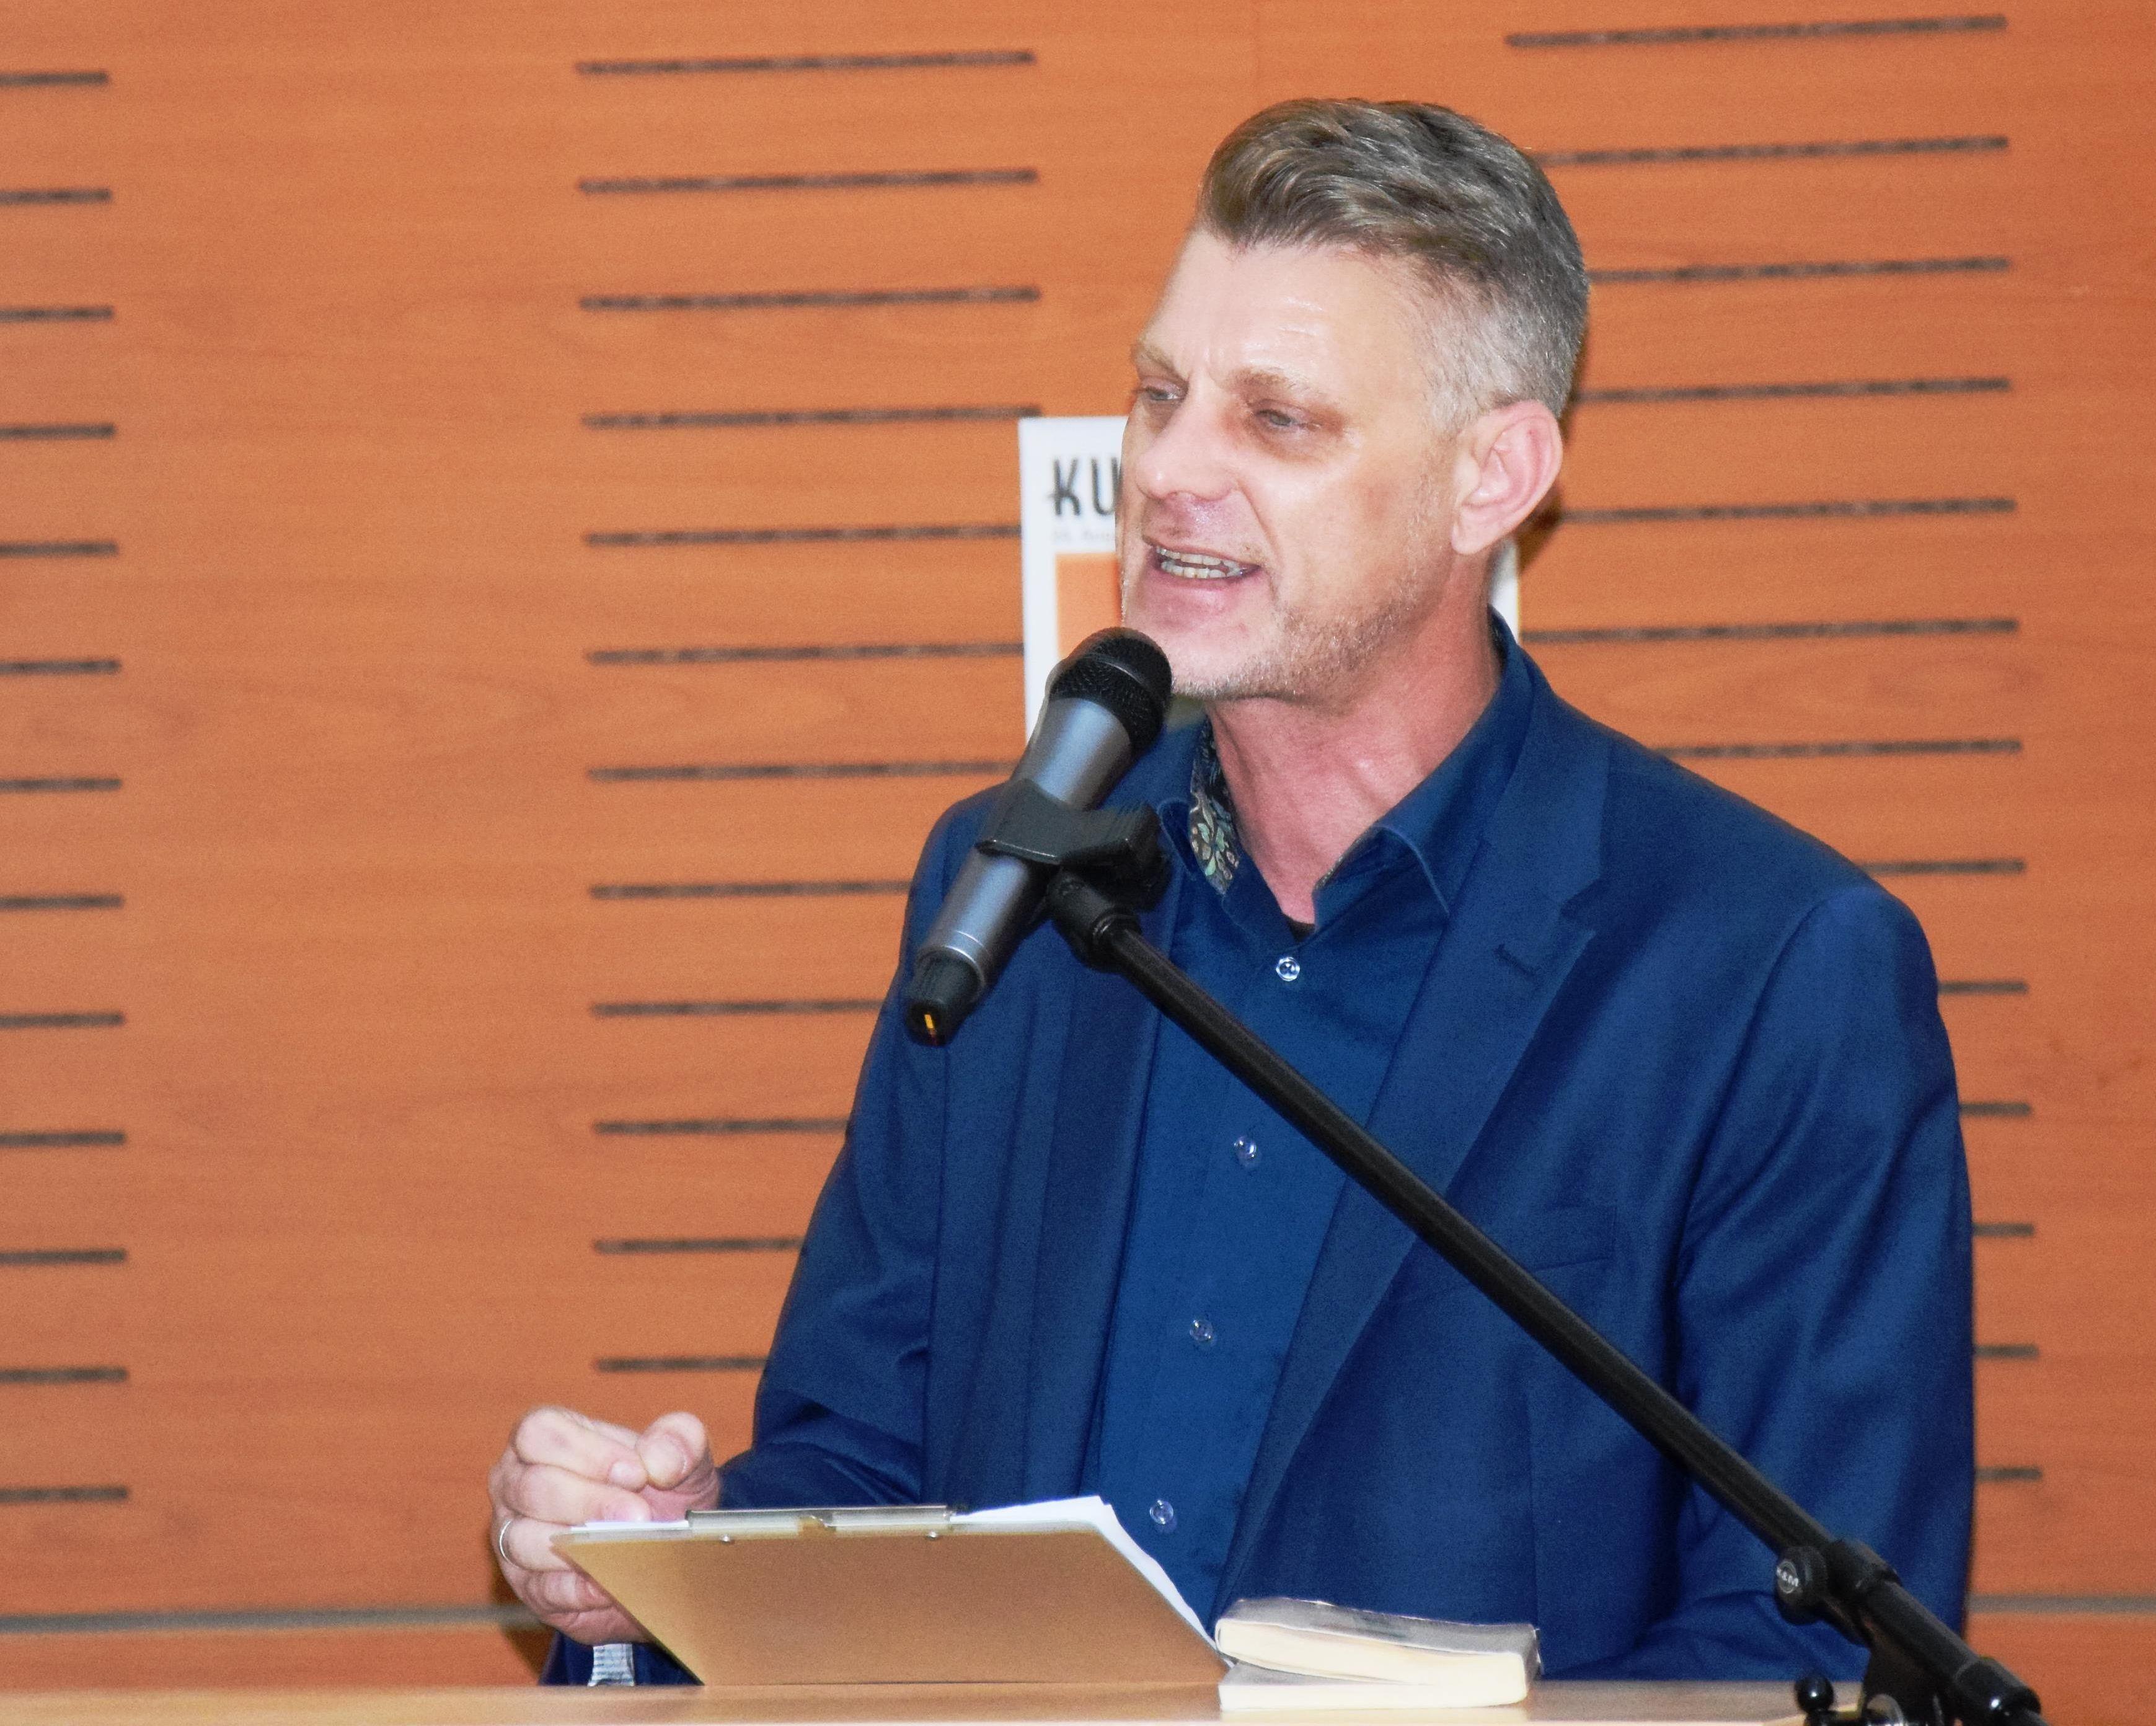 Björn Högsdal war Gastredner bei der Kunstgriff Ouvertüre